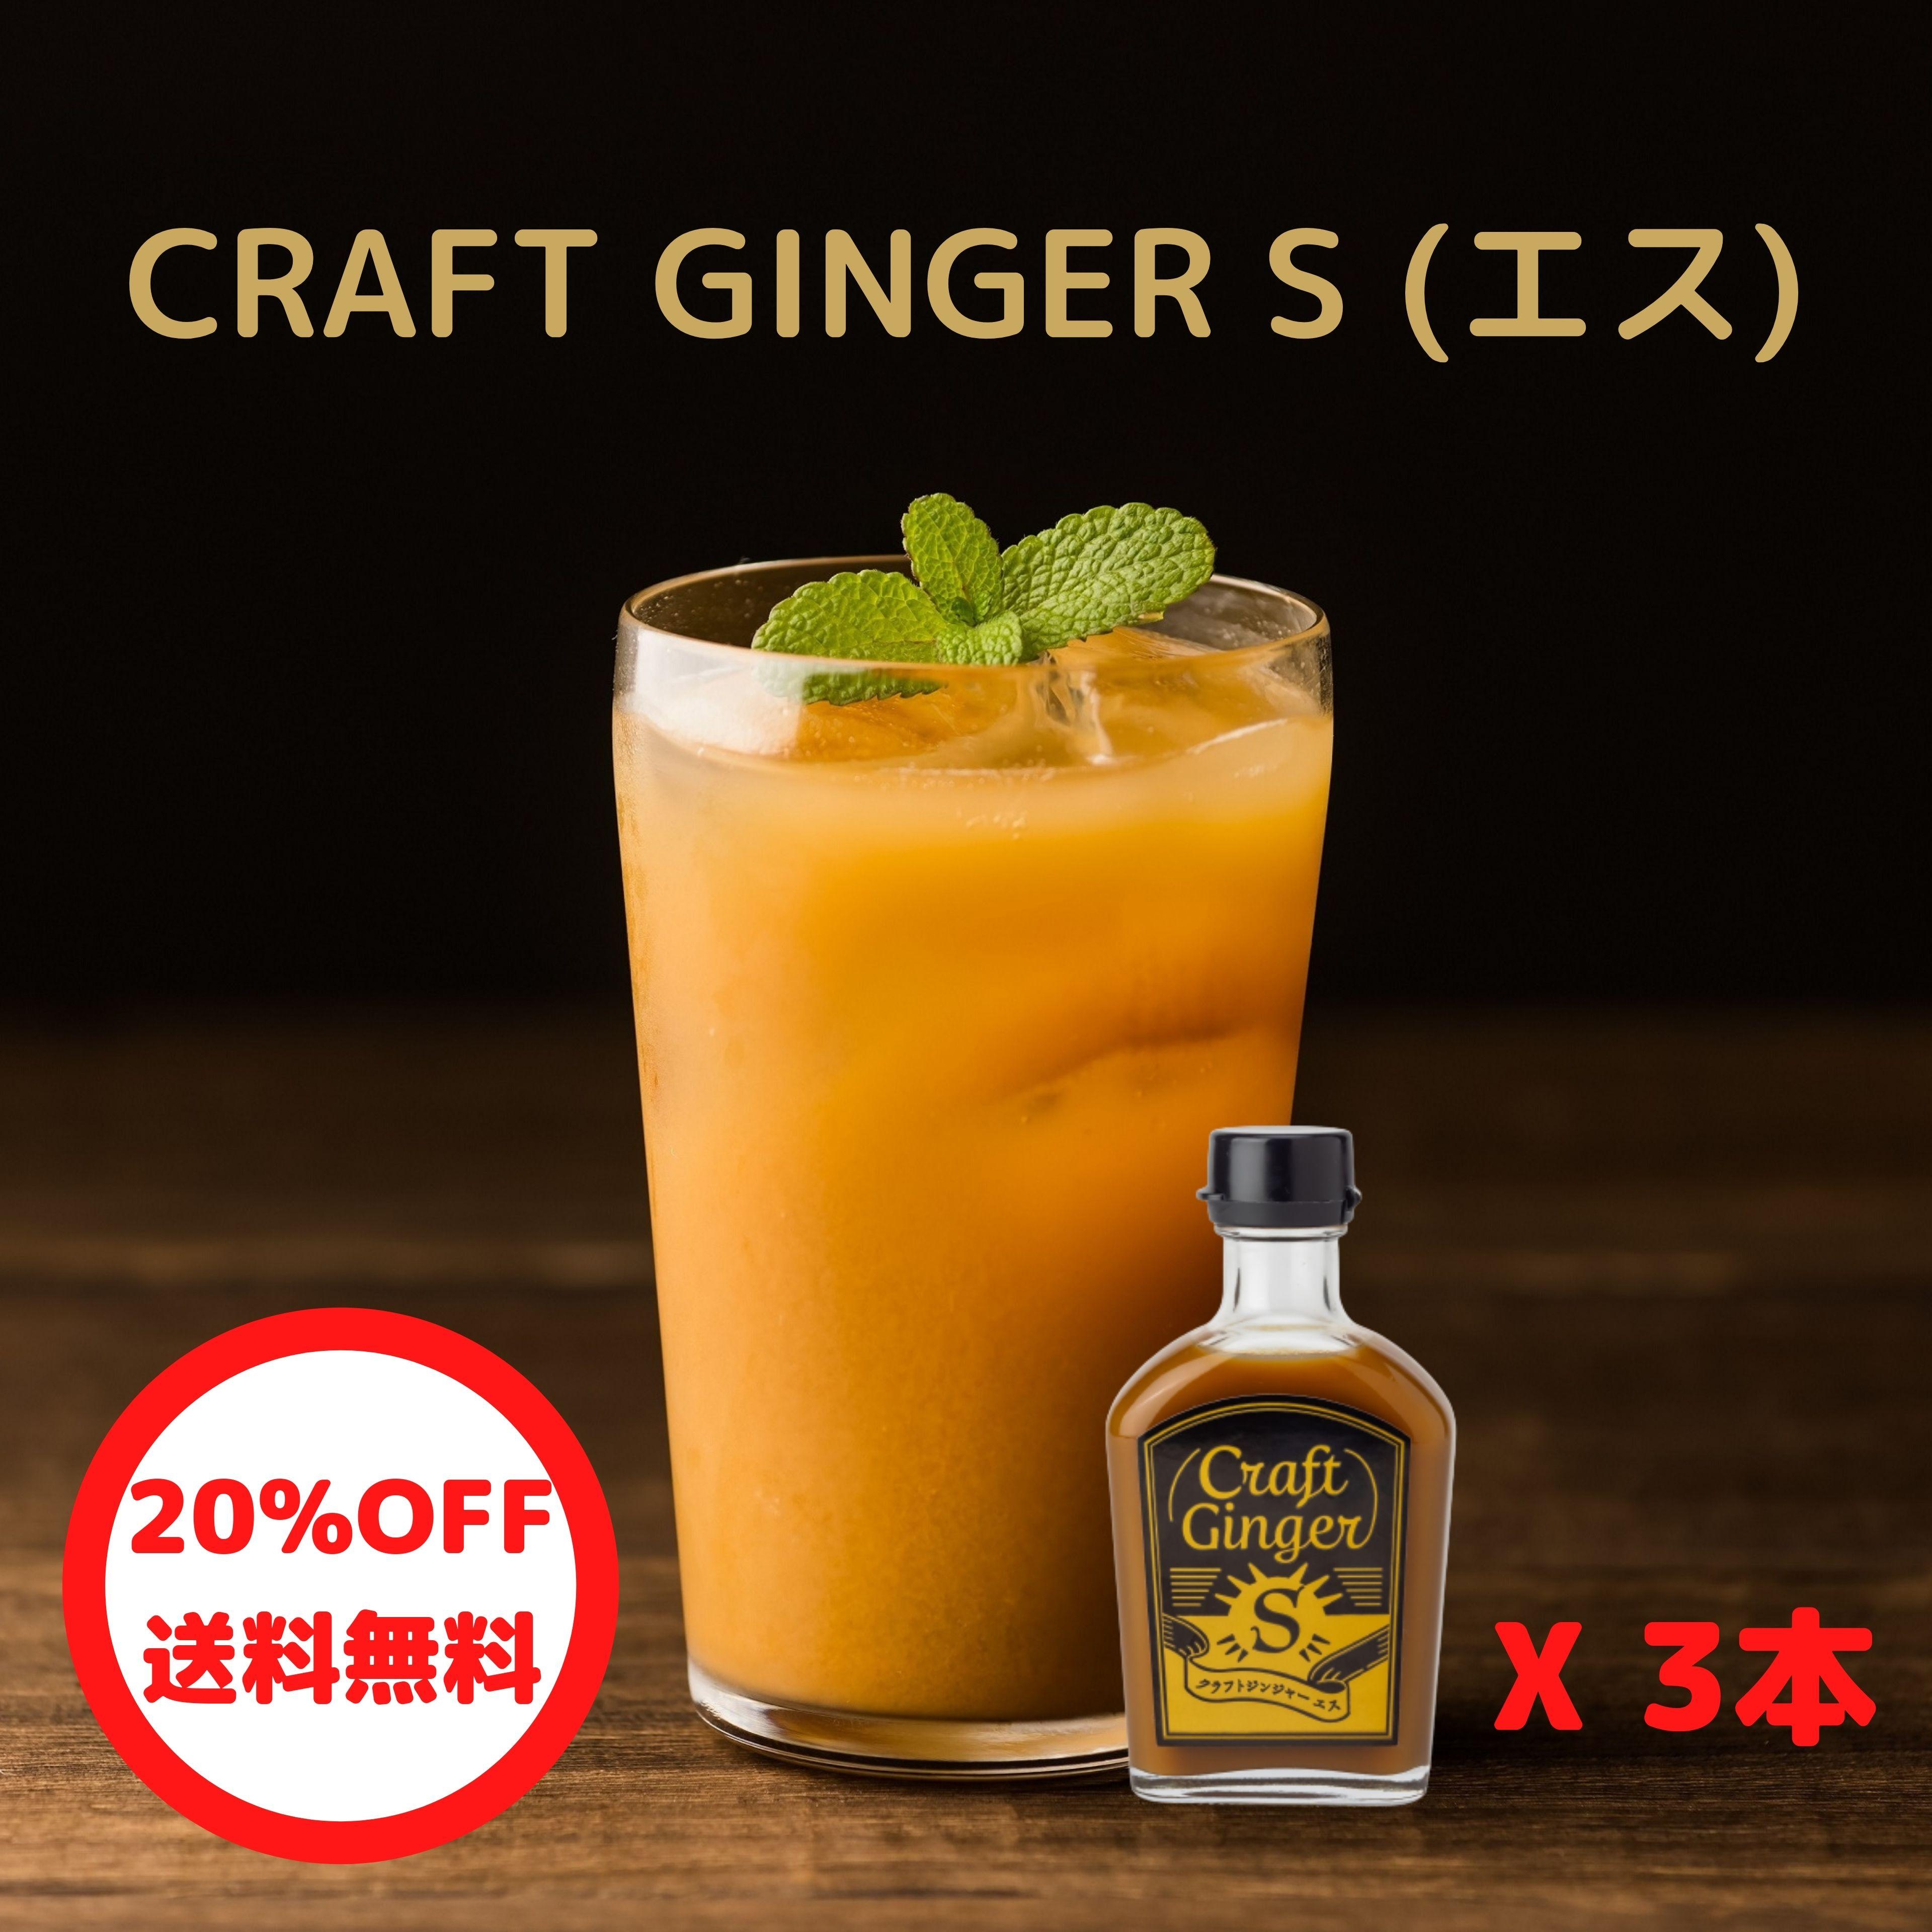 【まとめ買い】Craft Ginger S 200ml×3 送料無料 国産 生姜シロップ 無添加 無着色 しょうが ショウガ ジンジャーエール 辛口 生姜粉末 簡単 希釈 炭酸 おしゃれ かわいい 温活 冷え性 お取り寄せ おうち時間